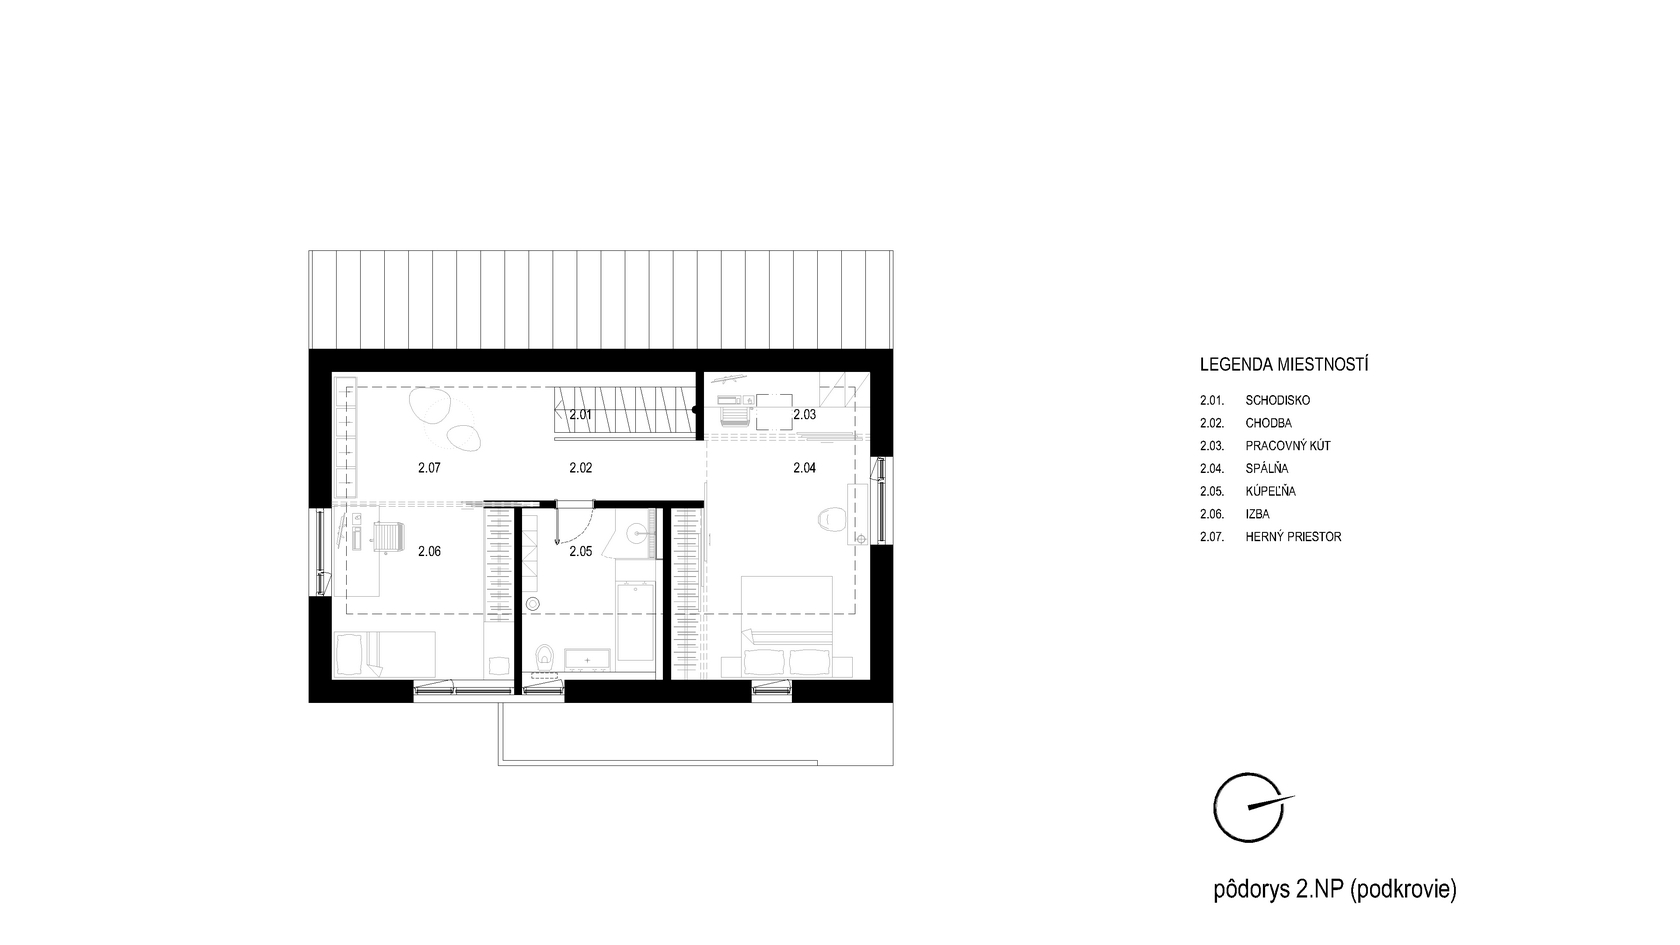 rodinny-dom-rekonstrukcia-horne-prsany-podorys-podkrovie-od-architekta-moderny-dizajn-archilab